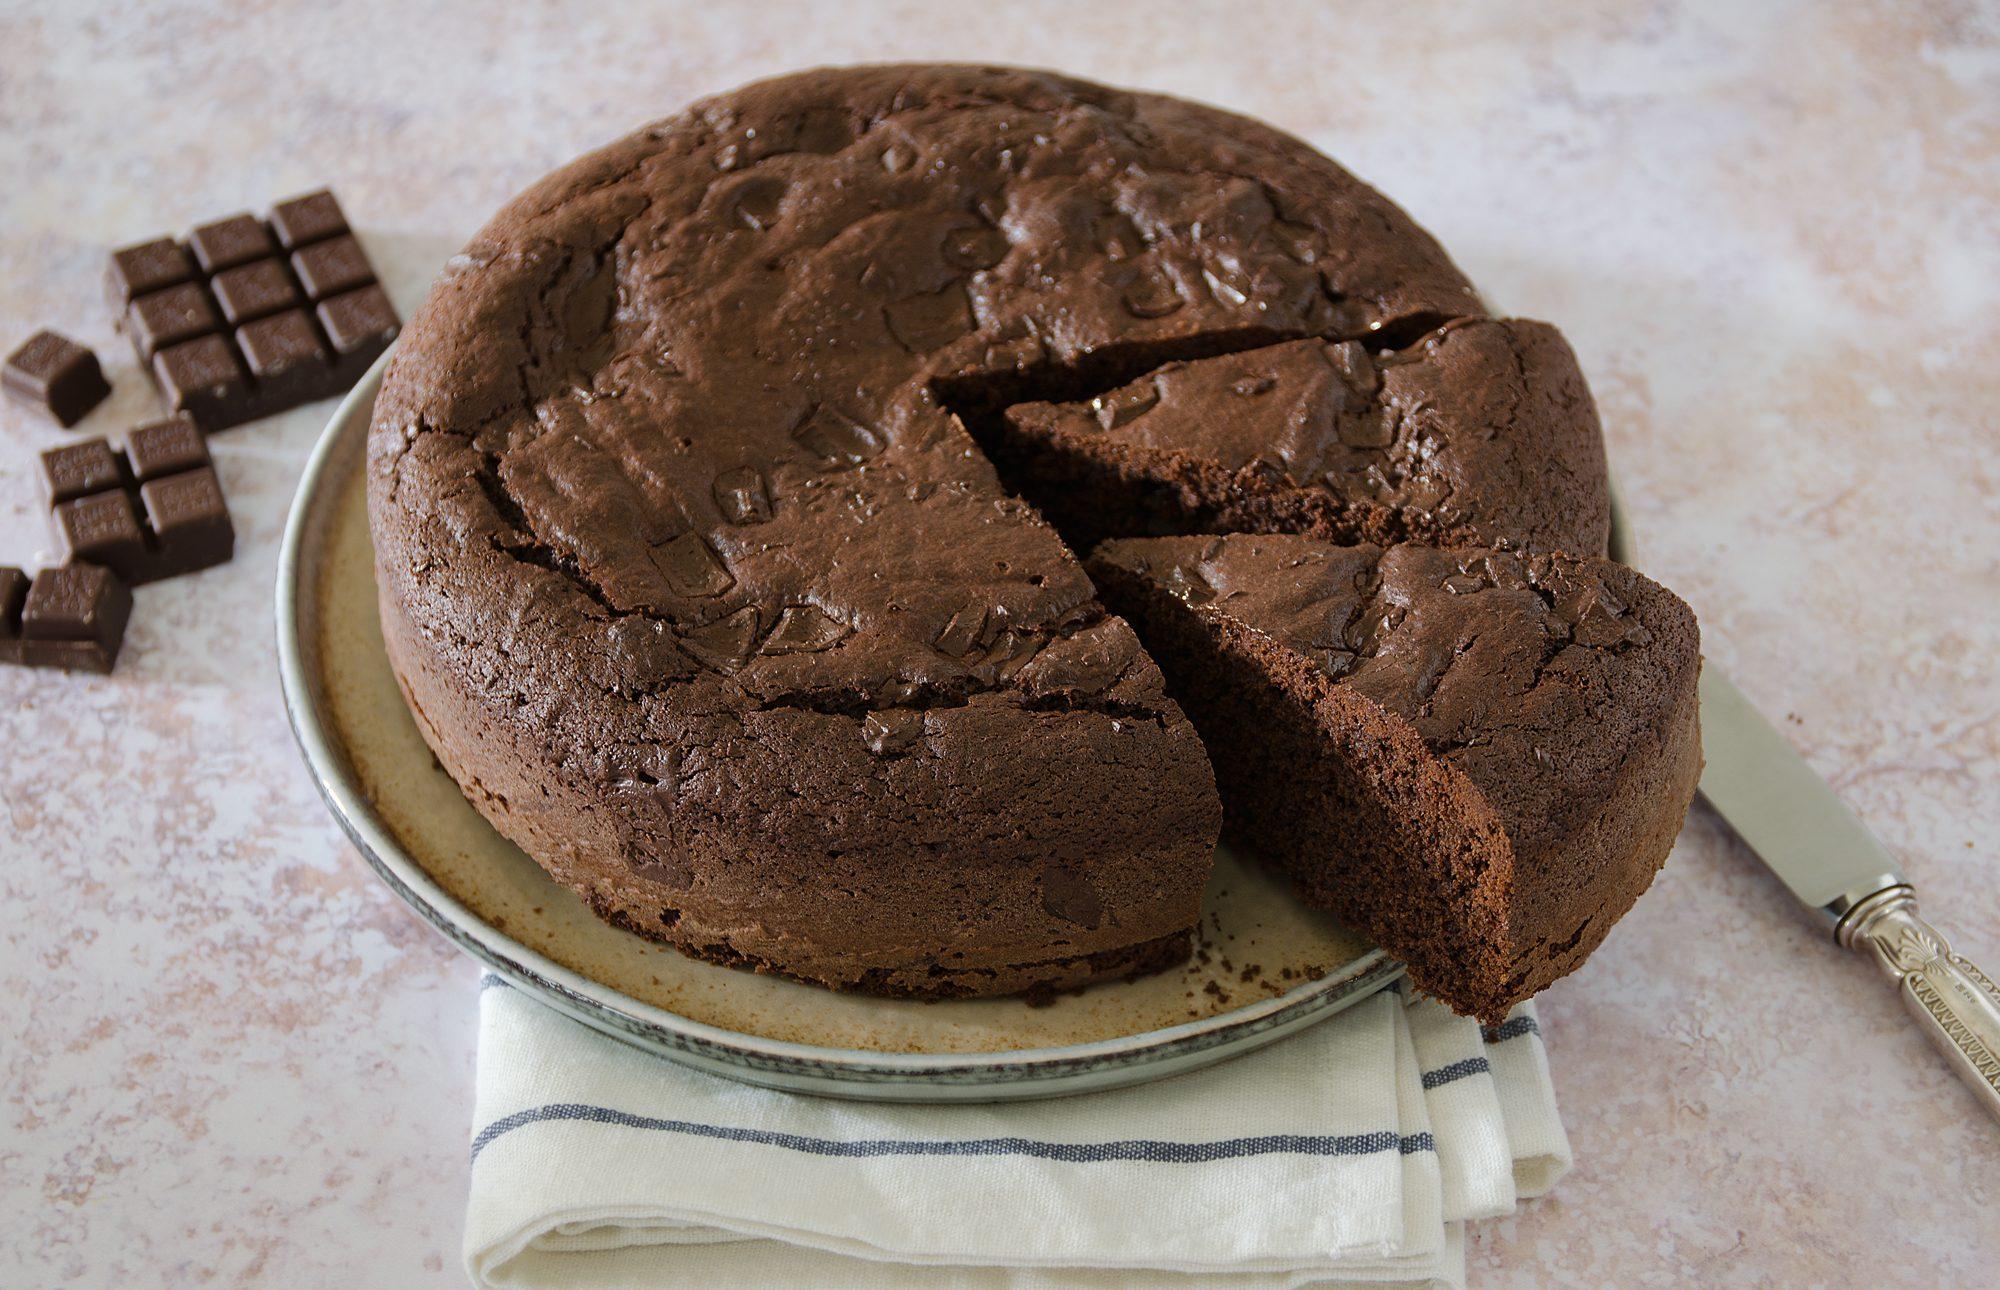 Torta al cioccolato: la ricetta del dolce soffice e goloso